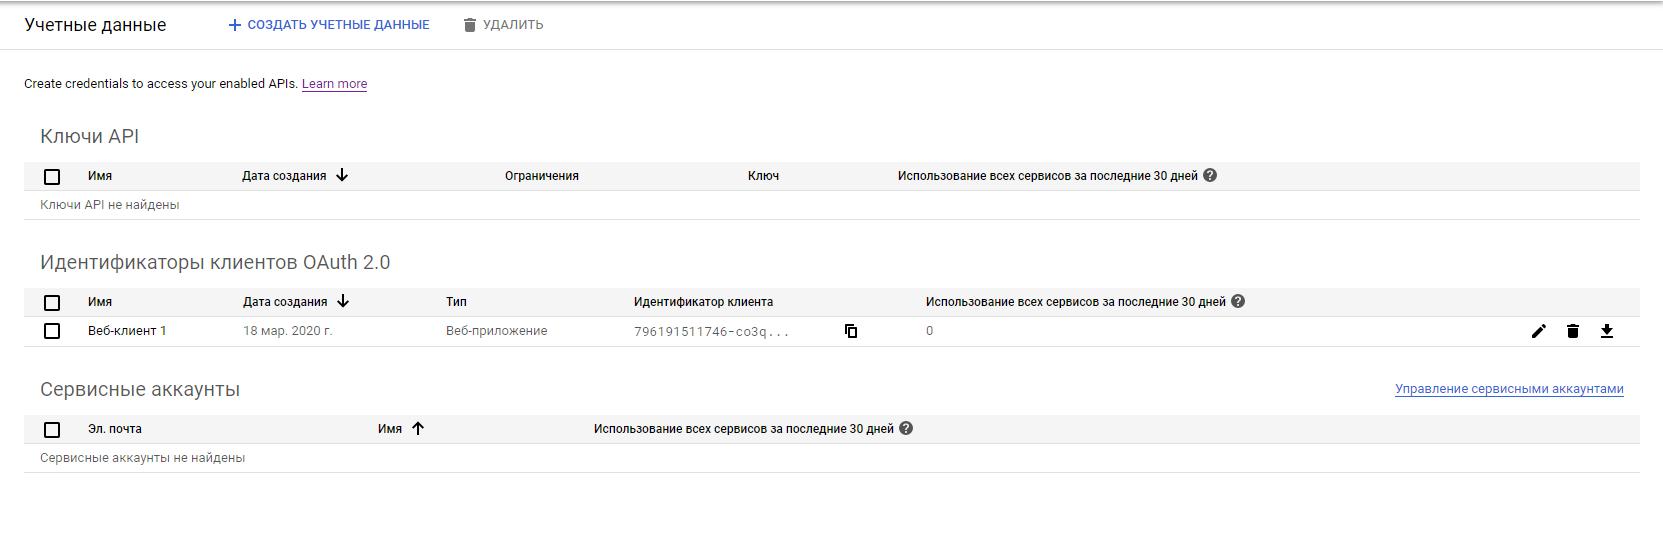 Получение сообщений из трансляций youtube + авторизация google на PHP - 7